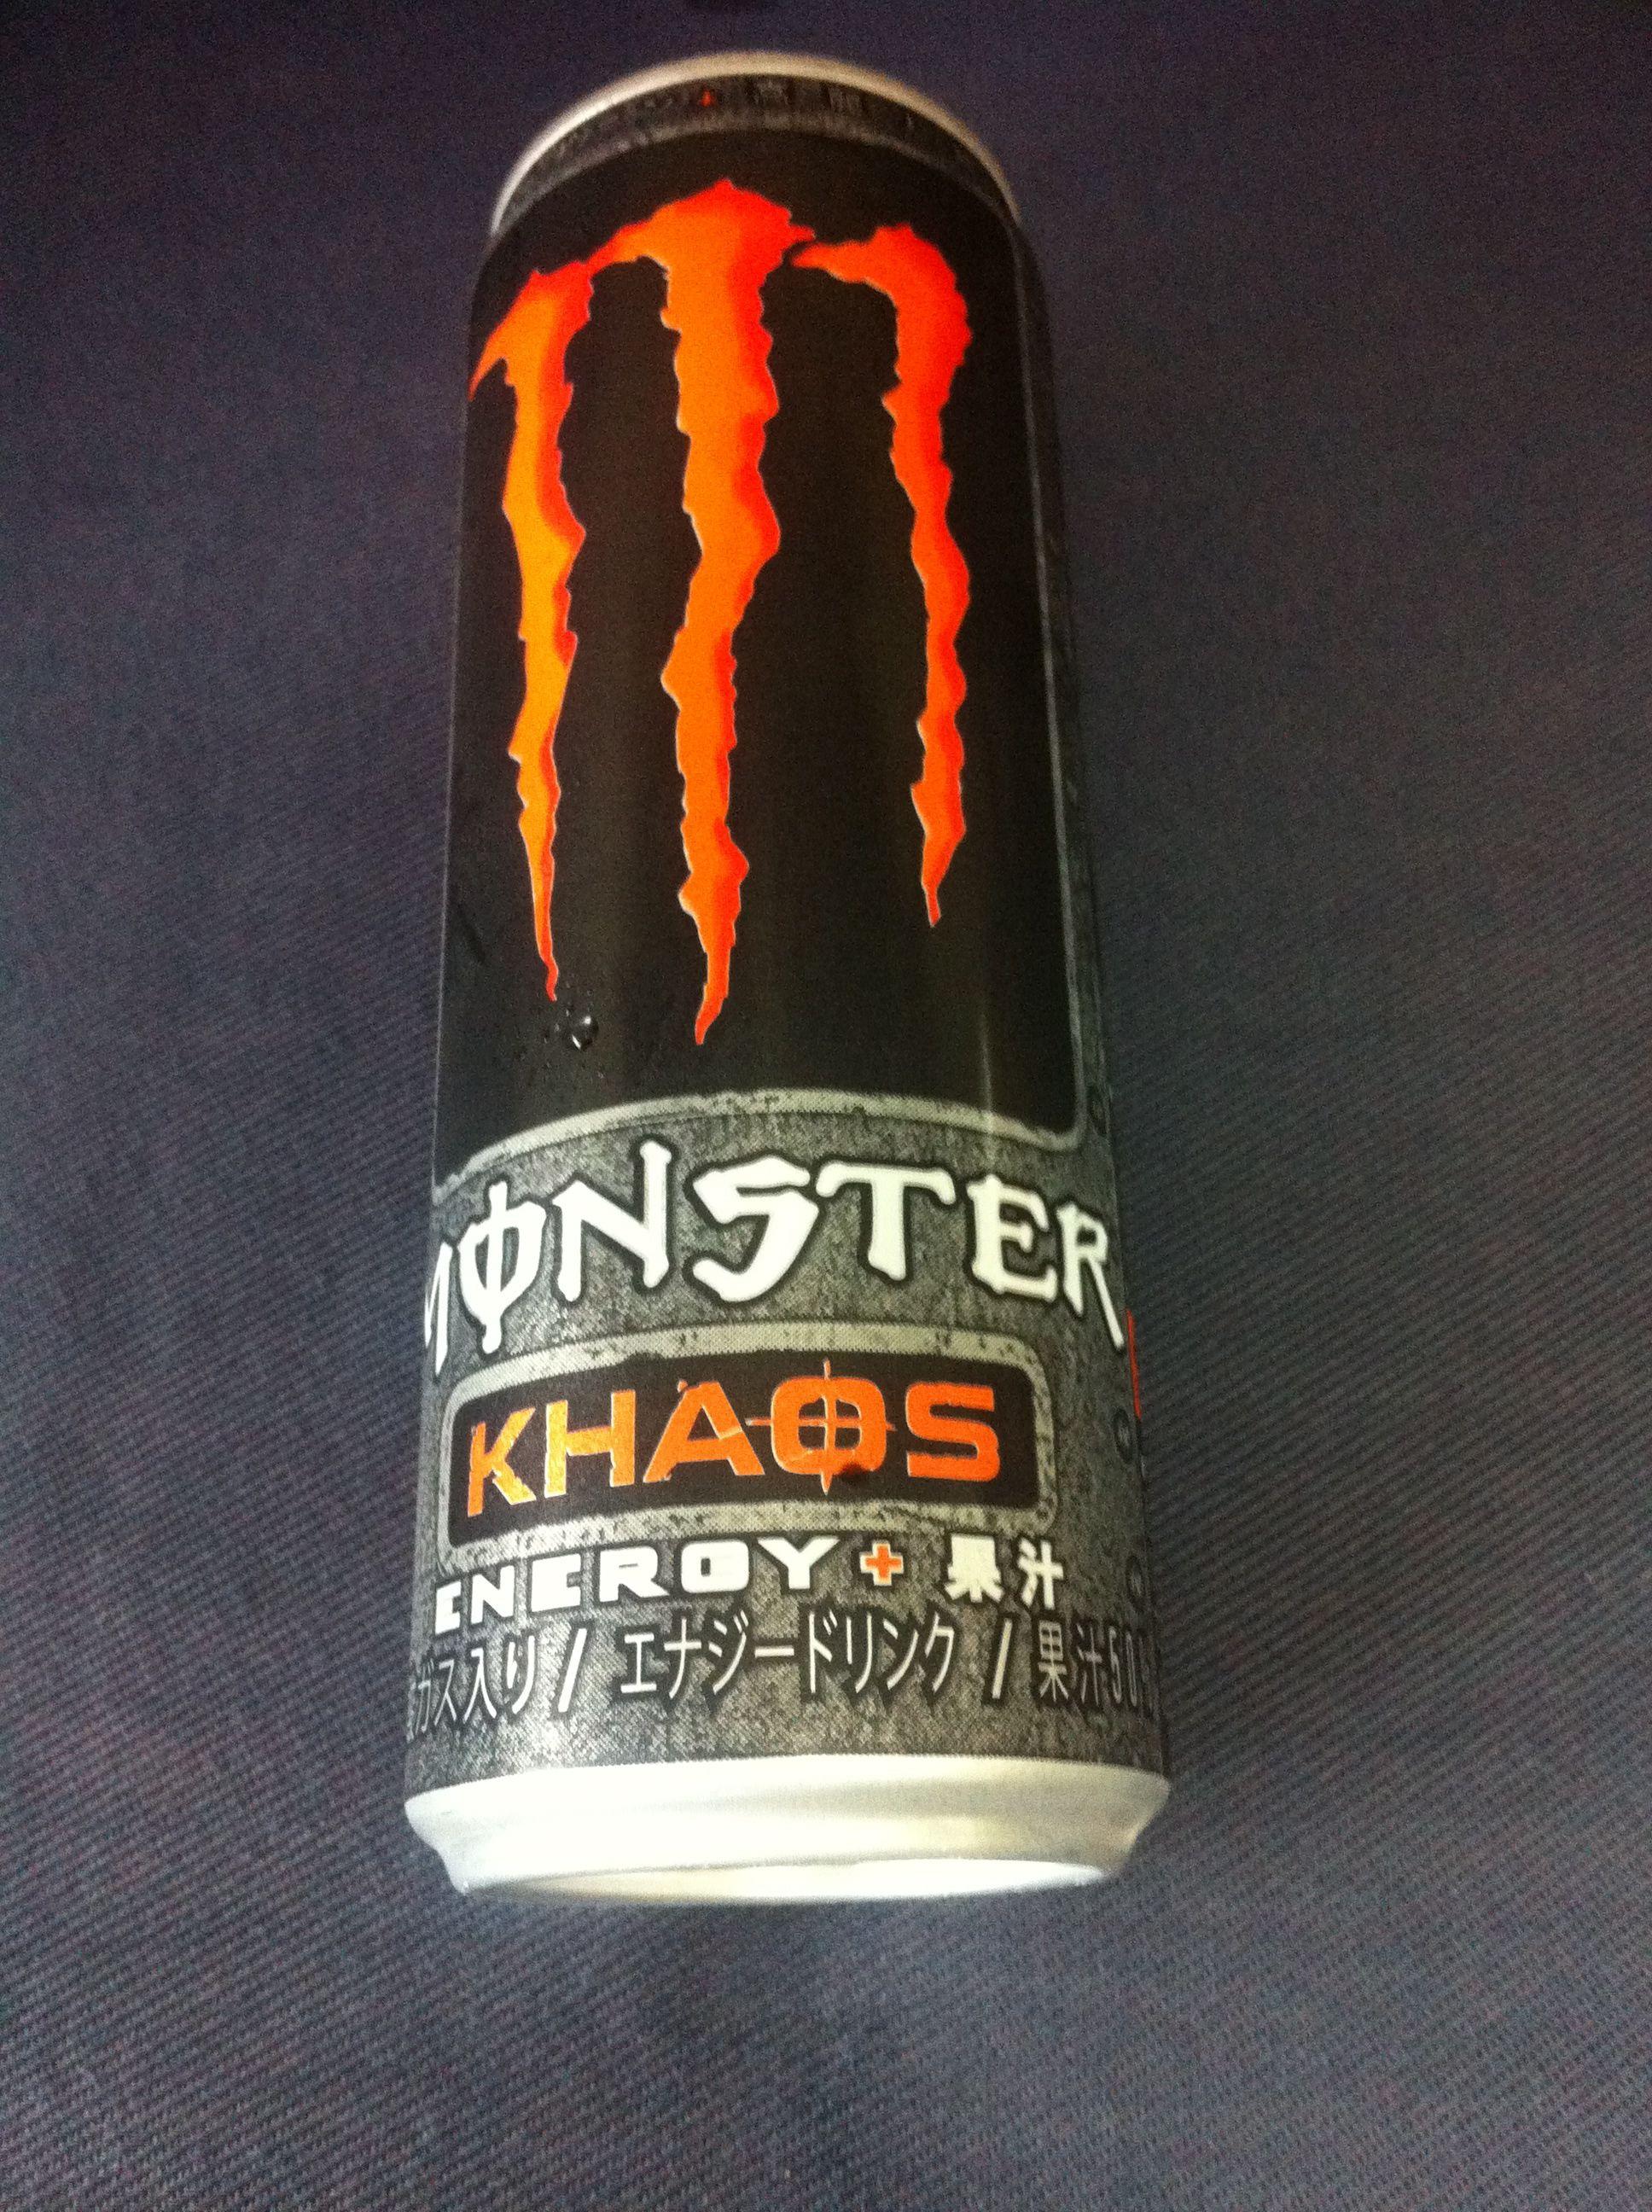 Energy drink monsterkhaos こ゜も羞味しい energy drinks